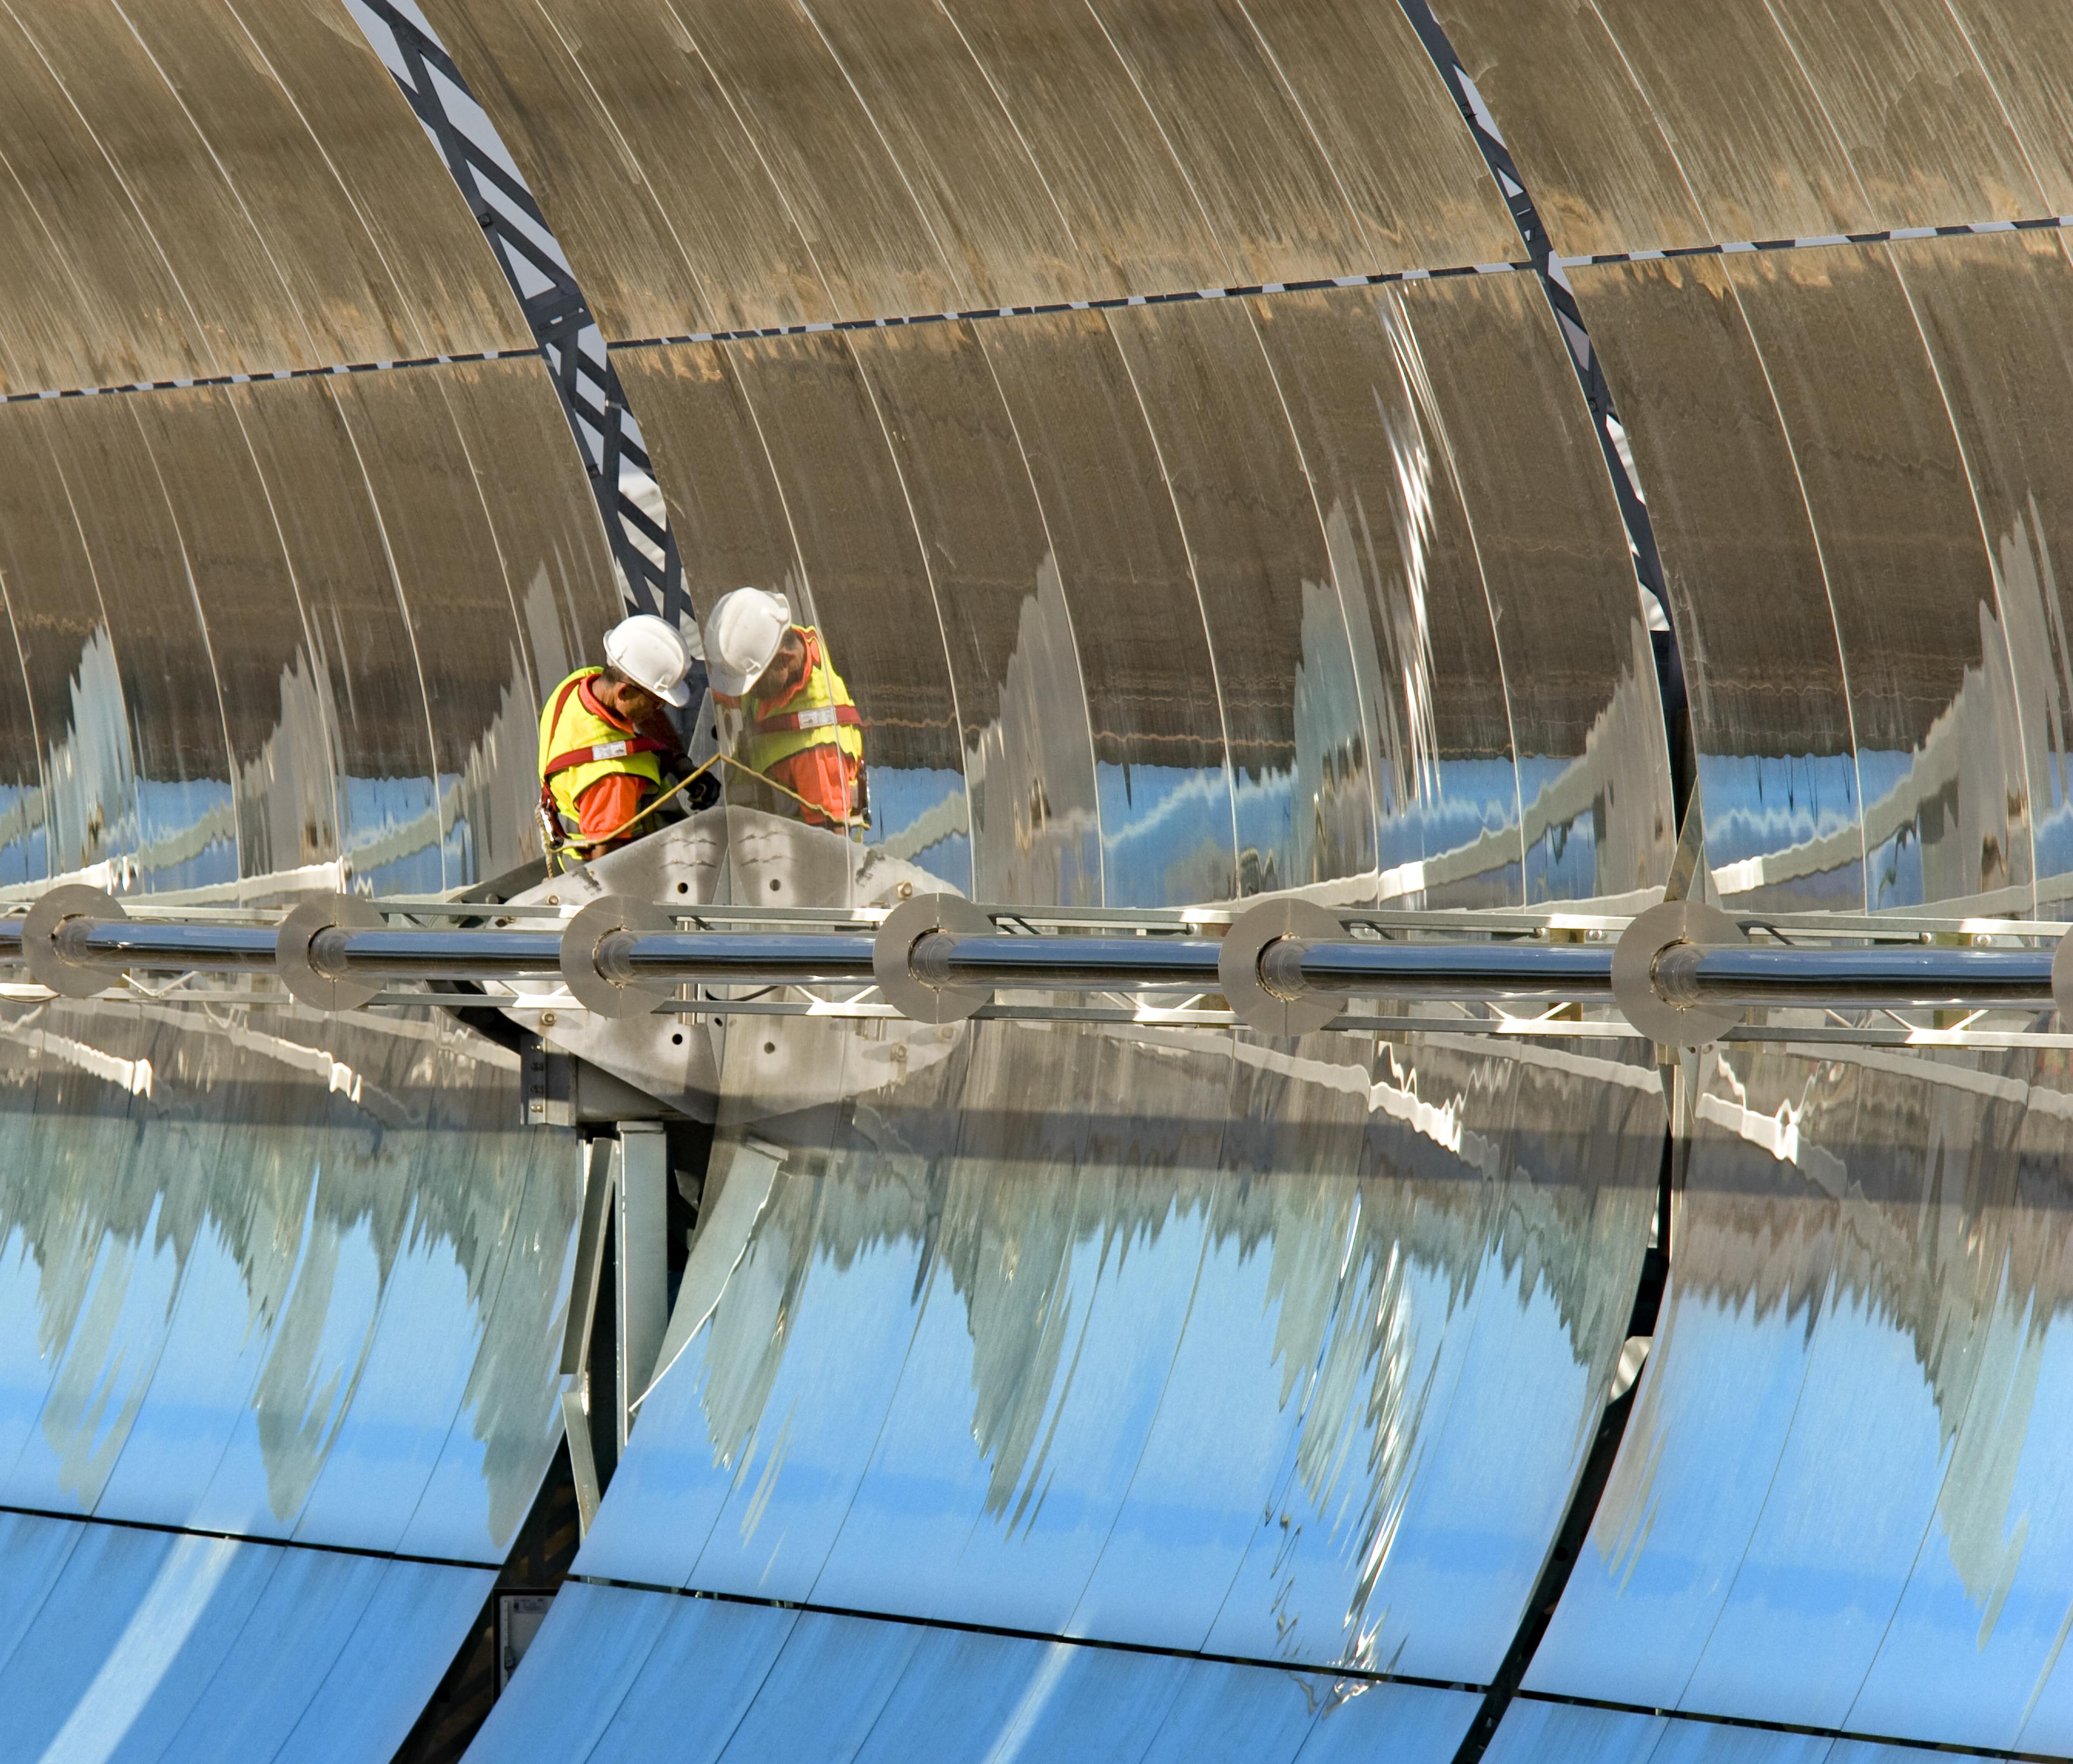 Die insolvente Solar Millennium AG plante und errichtete solarthermische Kraftwerke. / Foto Unternehmen